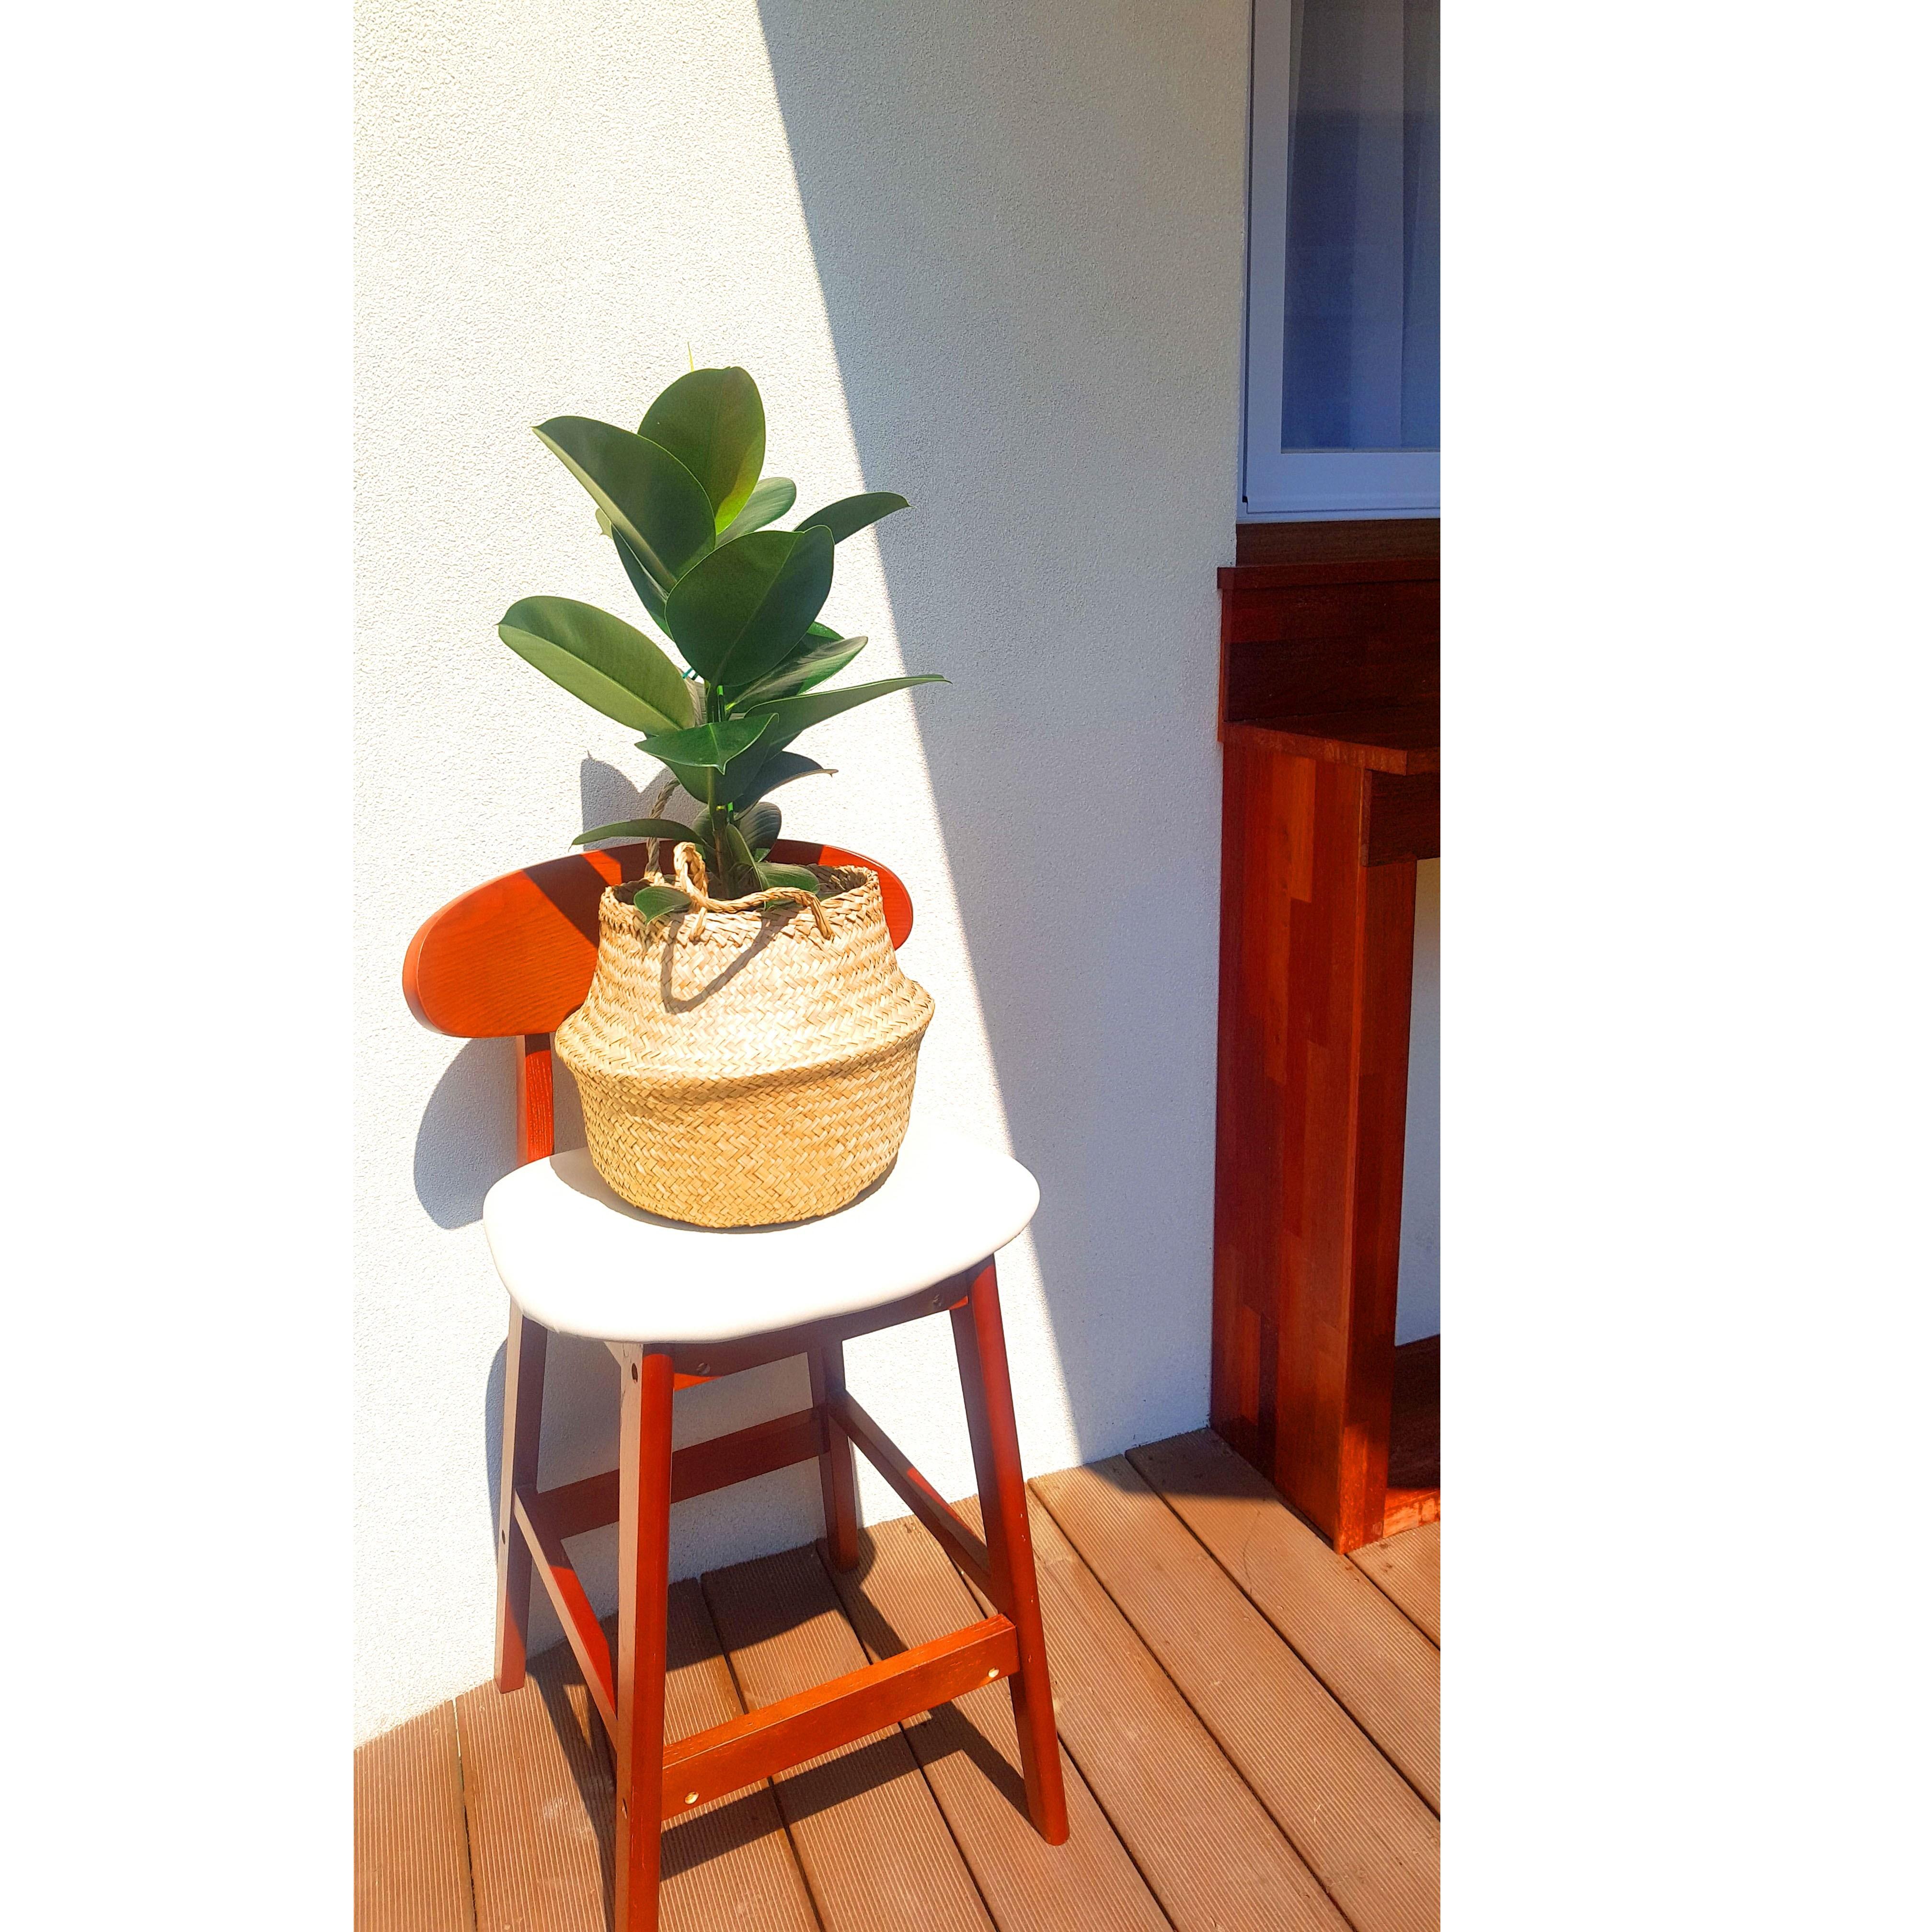 [재재나무] 인도고무나무 반려식물, 인도고무나무 + 해초바구니